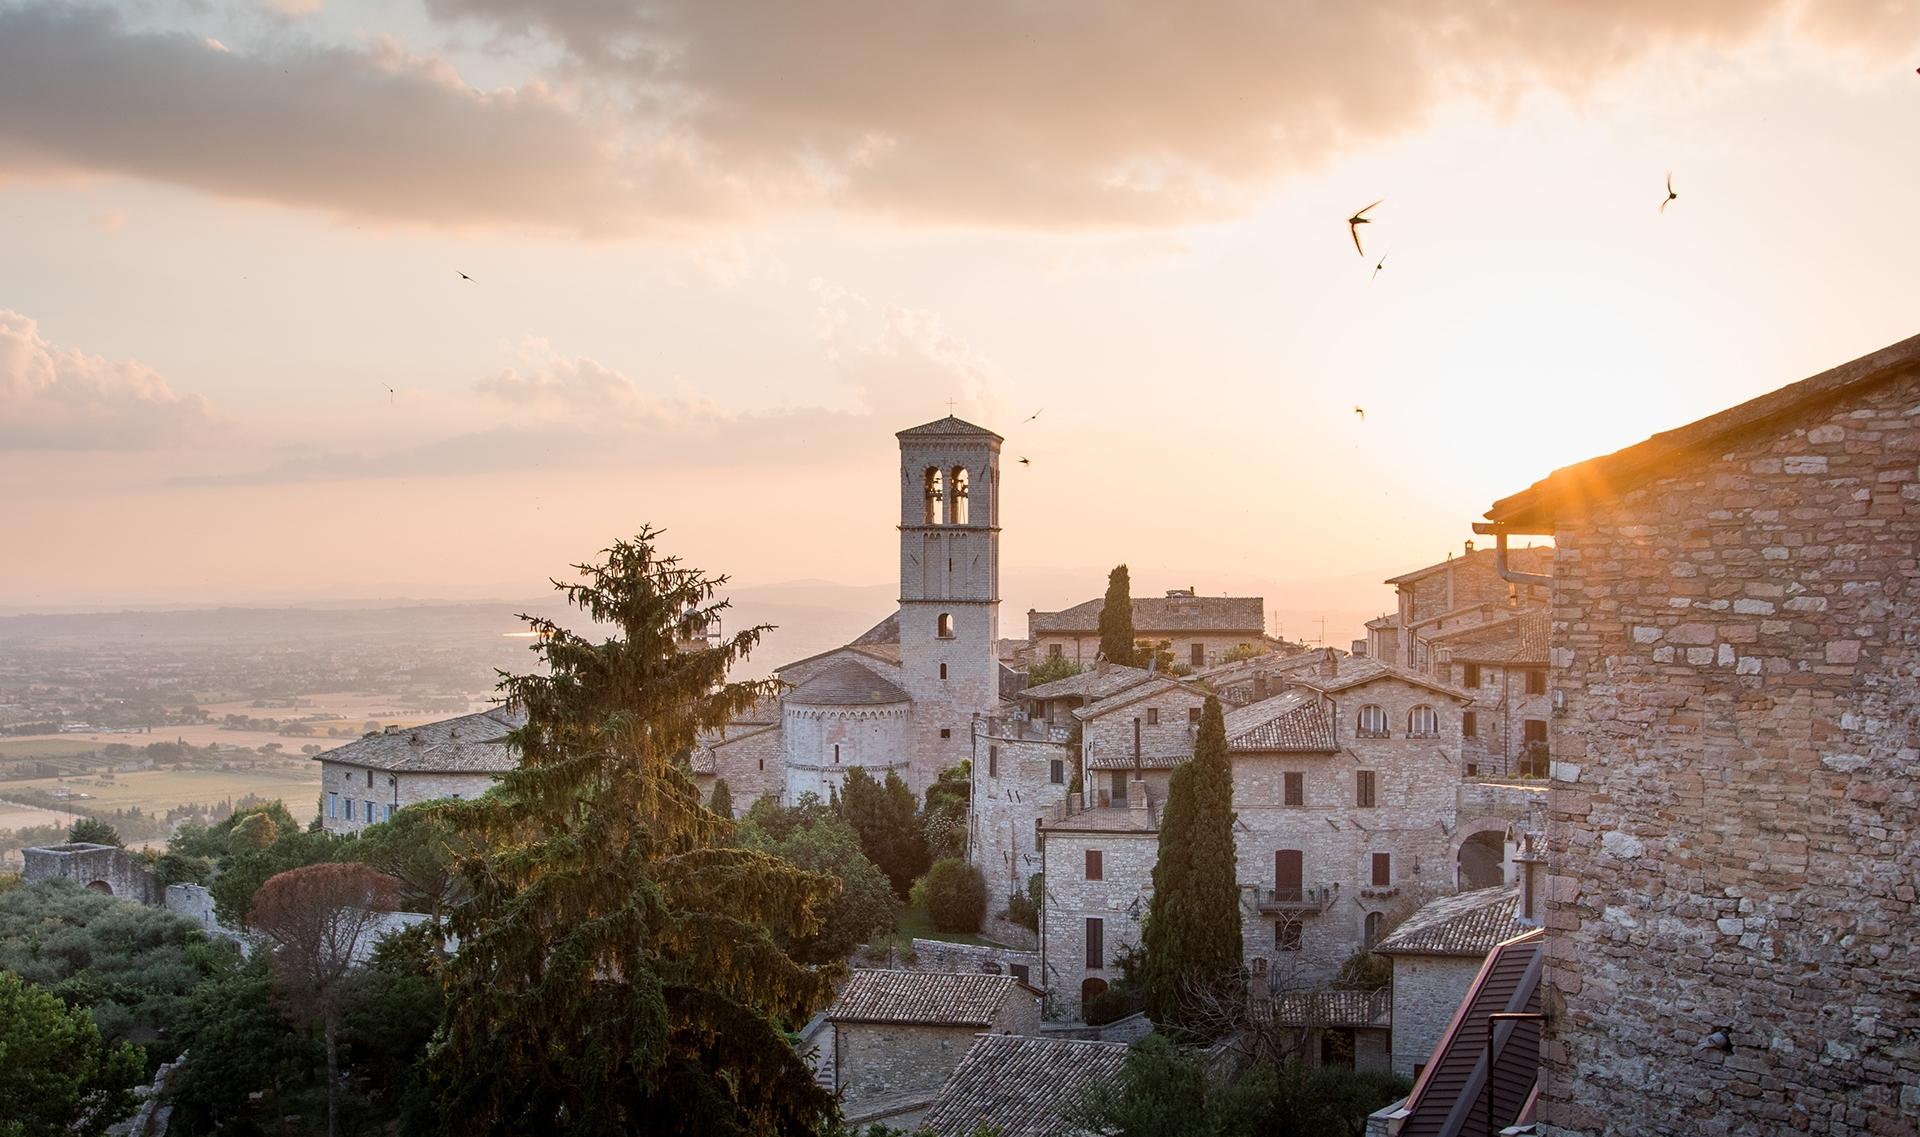 Assisi_lachlan-gowen-736911-unsplash